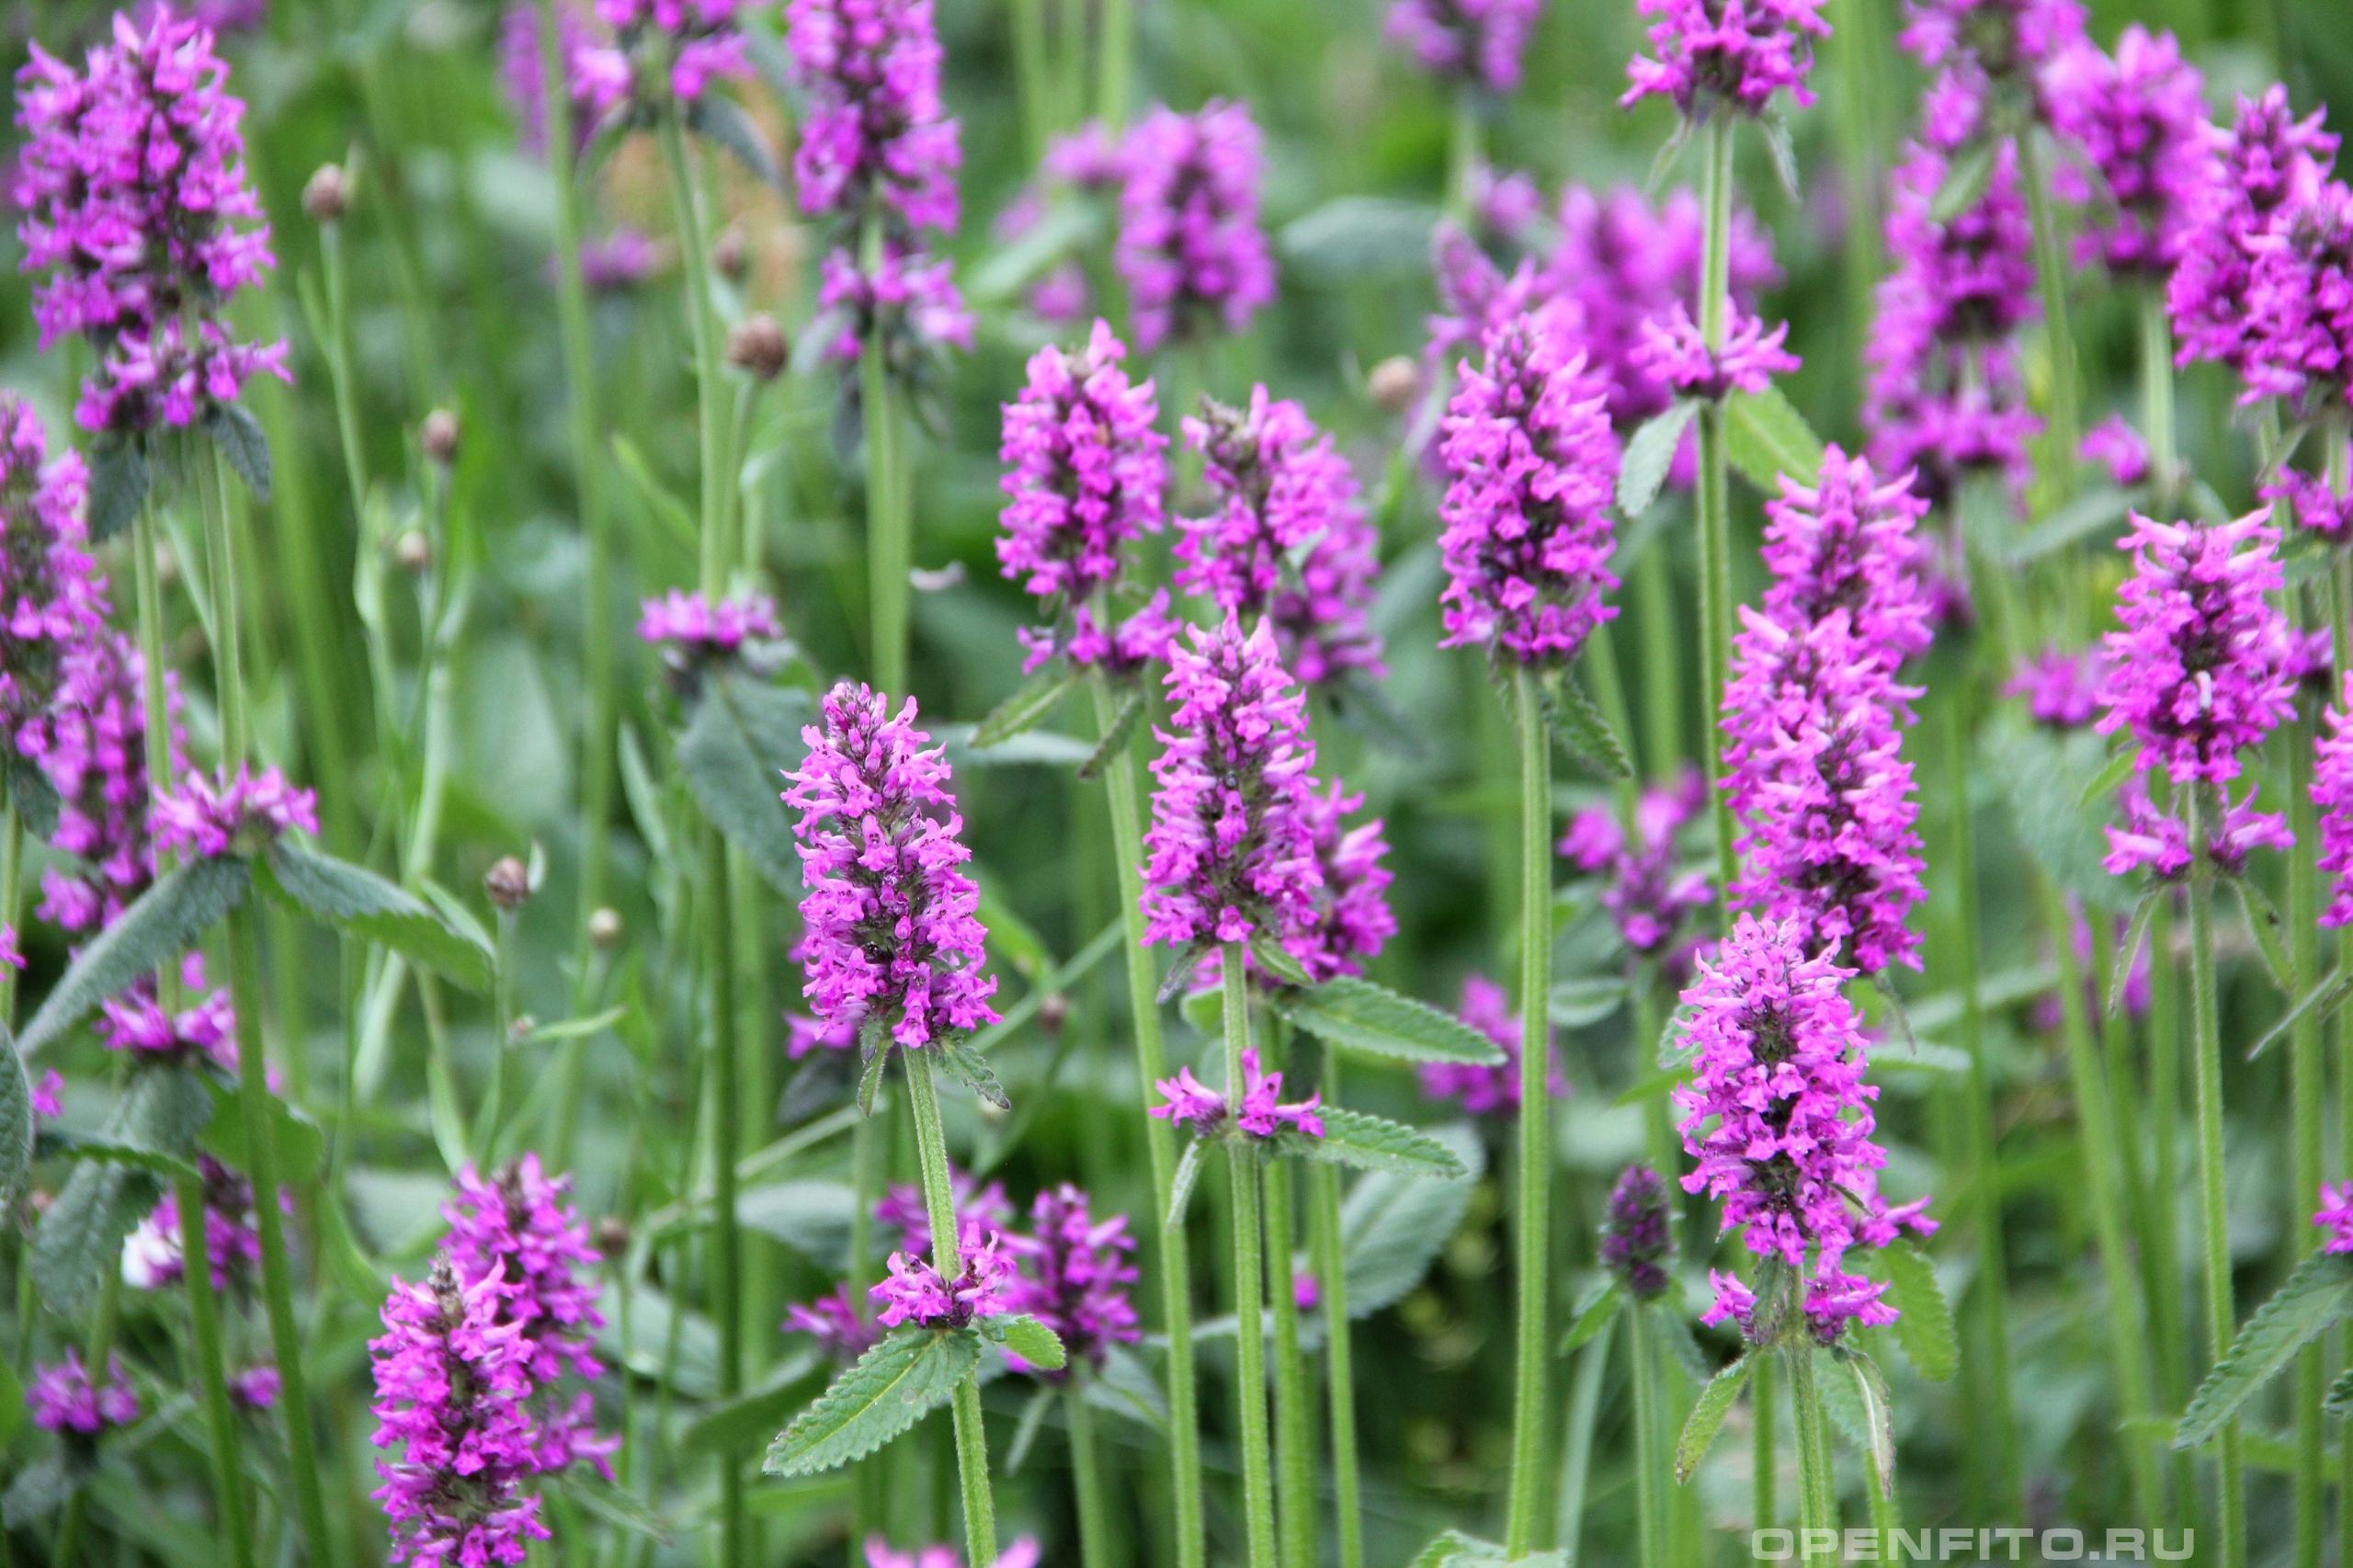 Буквица лекарственная поляна с цветущим растением